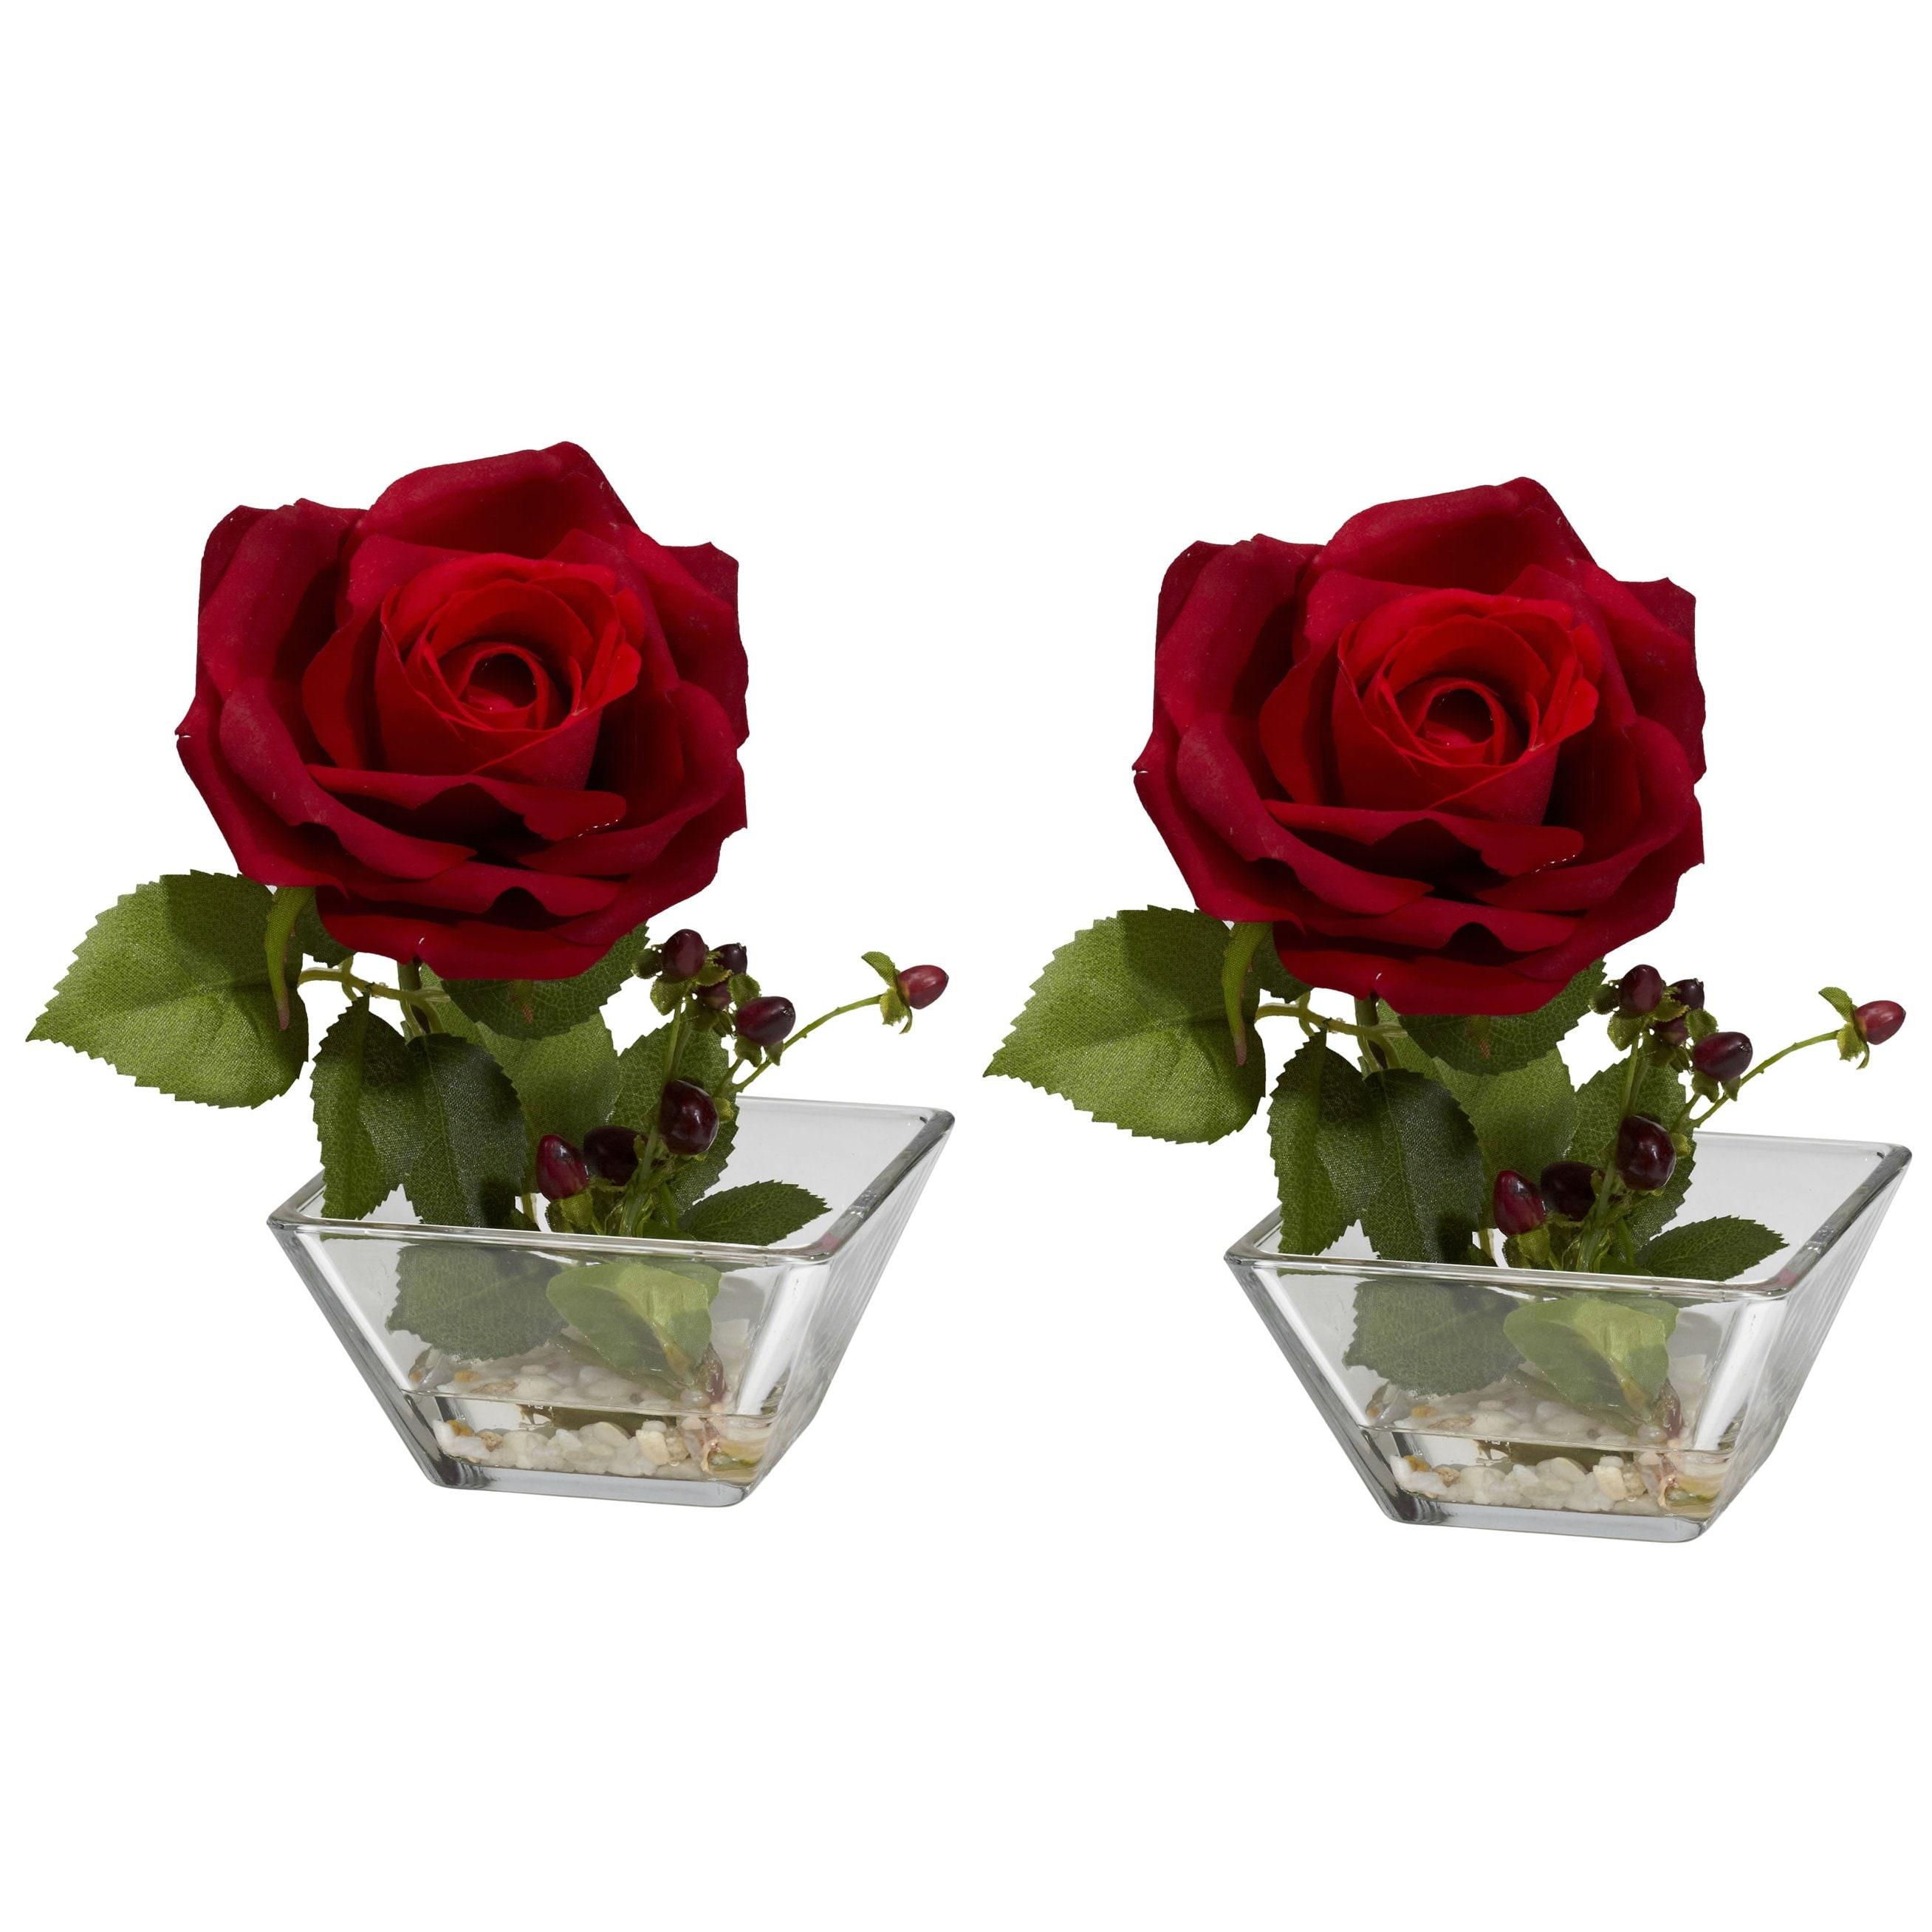 Rose Square Vase Silk Flower Arrangement (Set of 2)